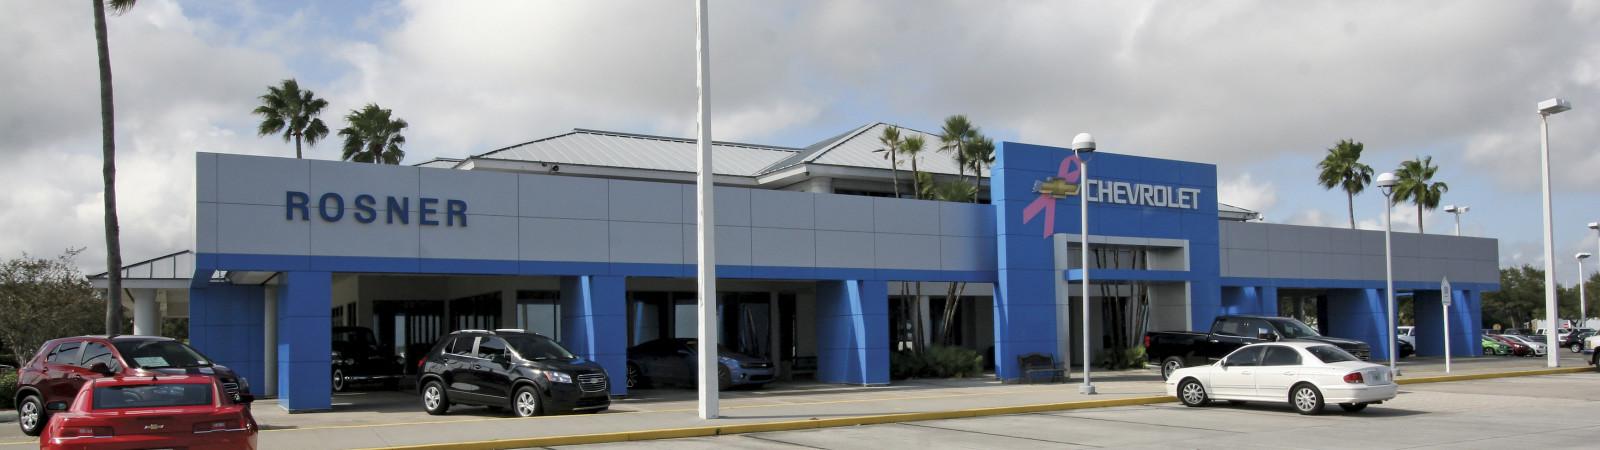 Rosner Chevrolet - 25,000 s.f. / retail